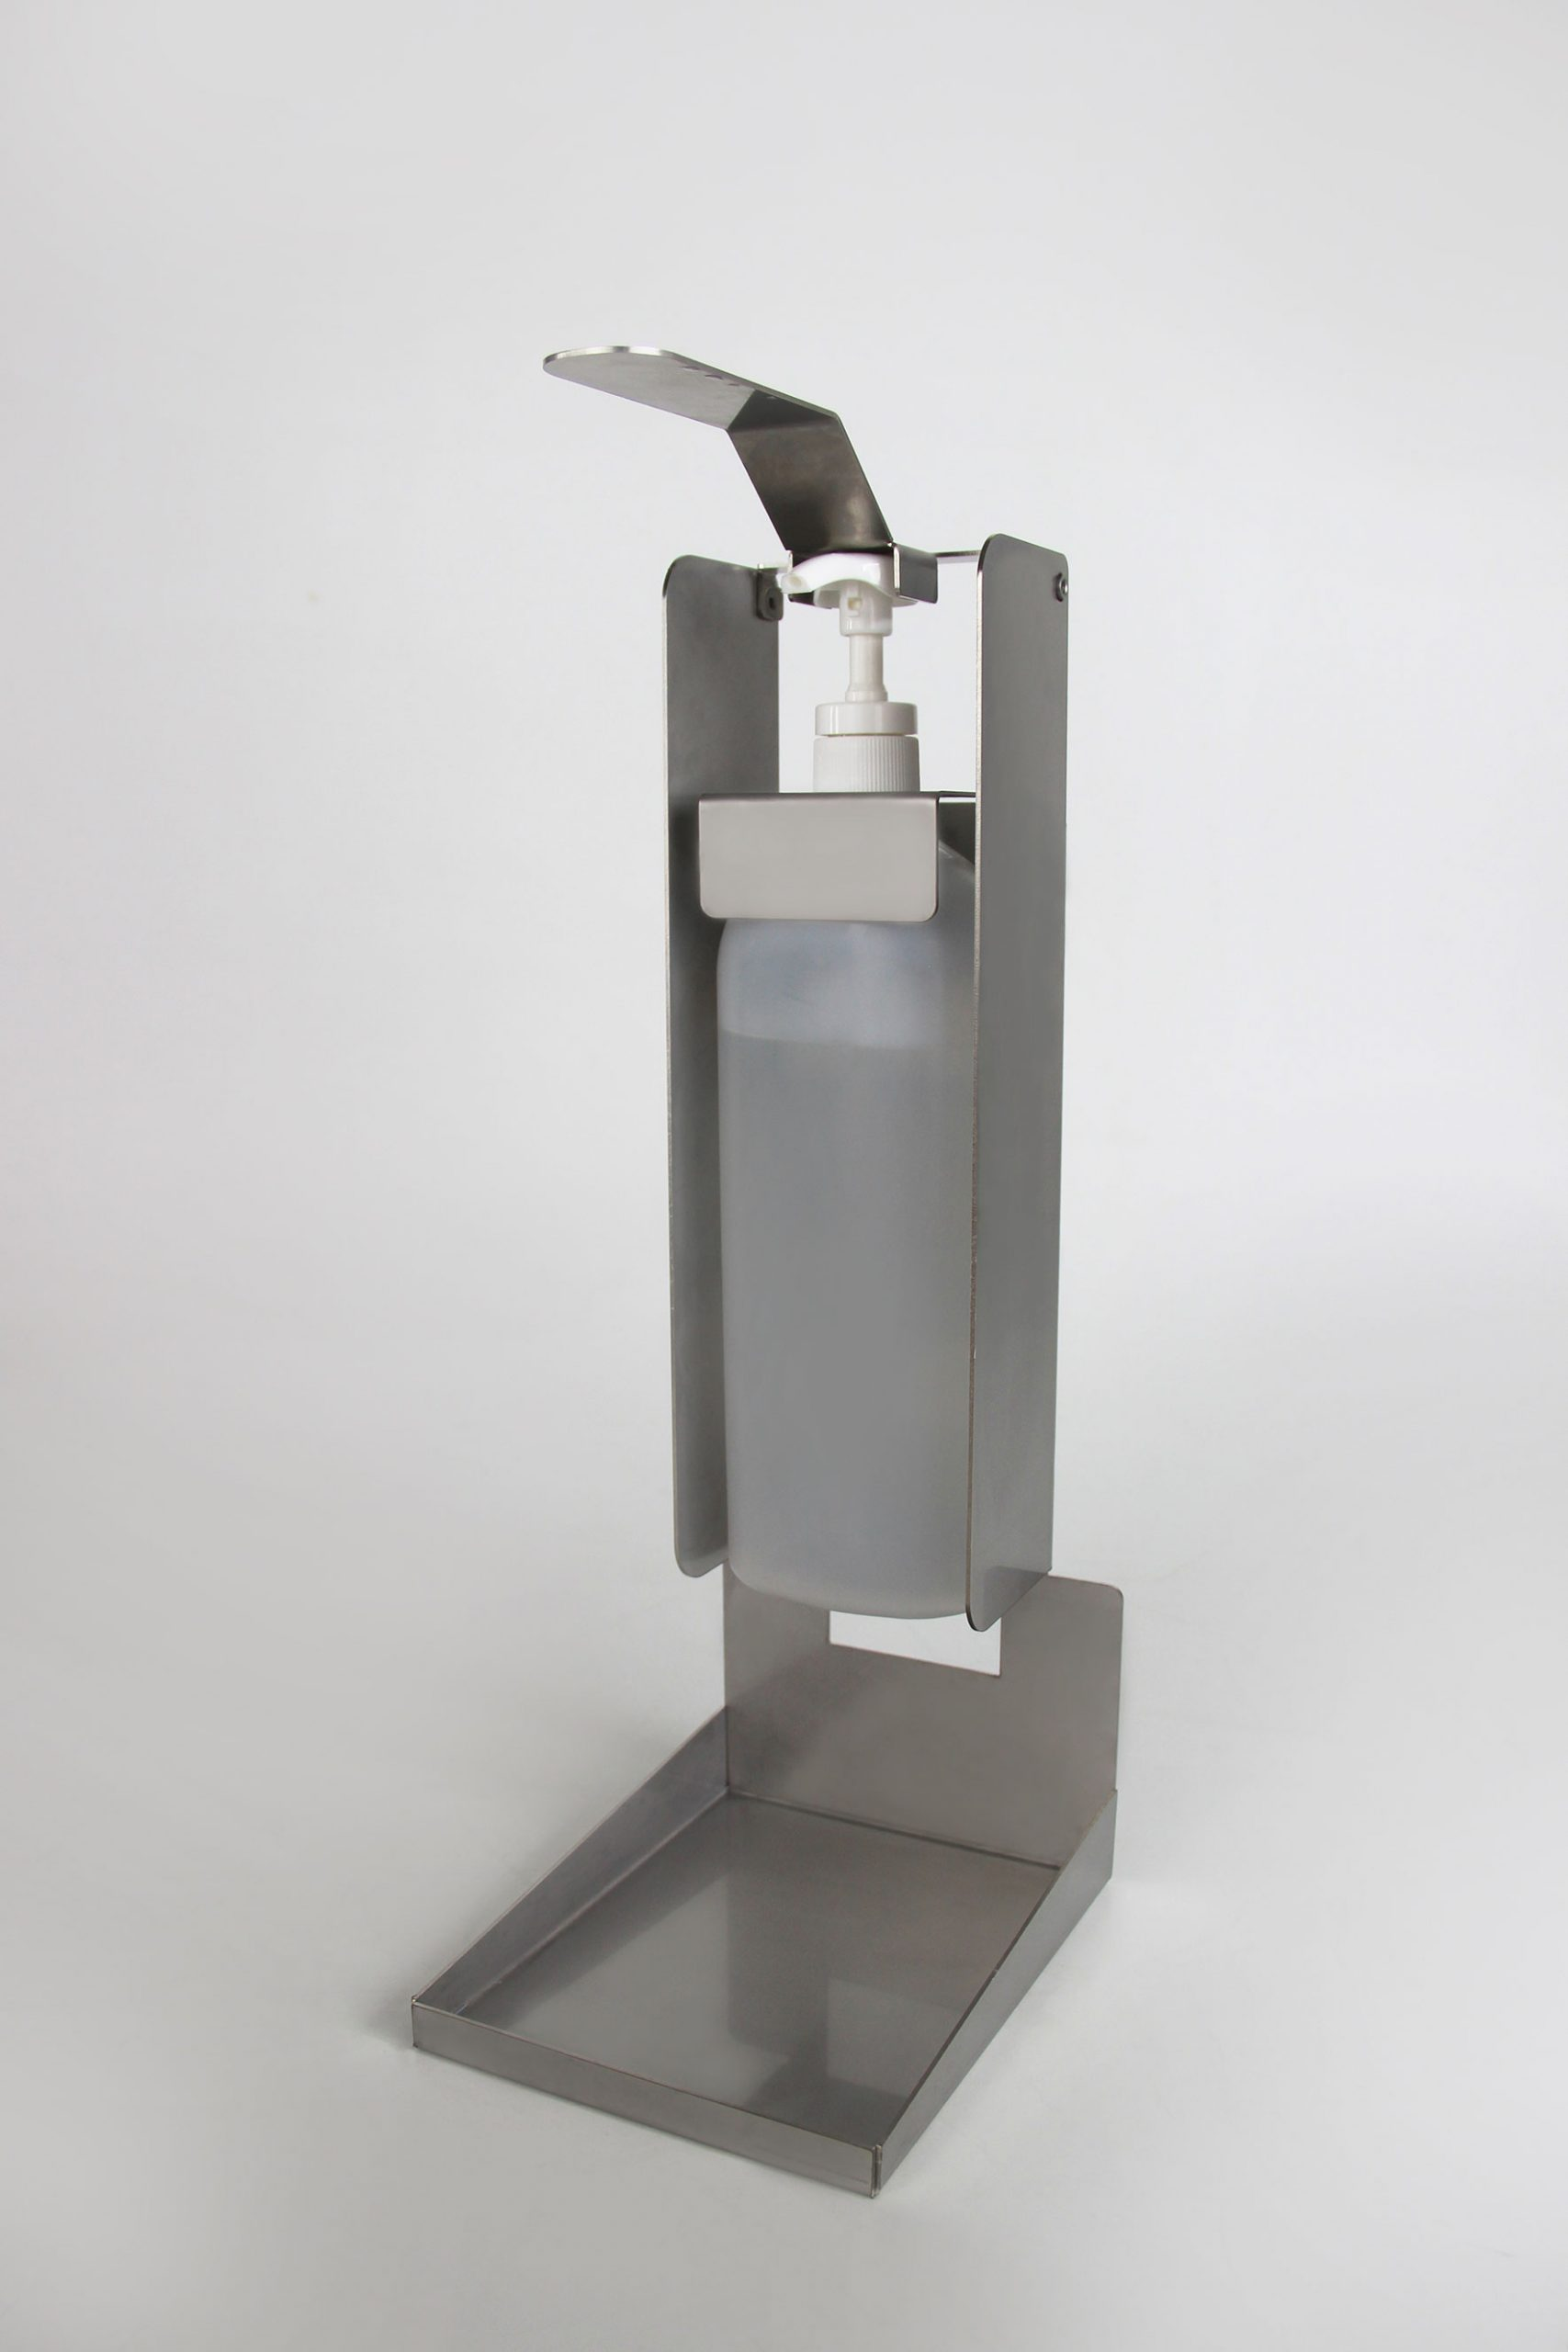 Armhebelspender aus Blech mit Druckhebel, eingelegter Desinfektionsmittelflasche und Spritzschutzblech unten.